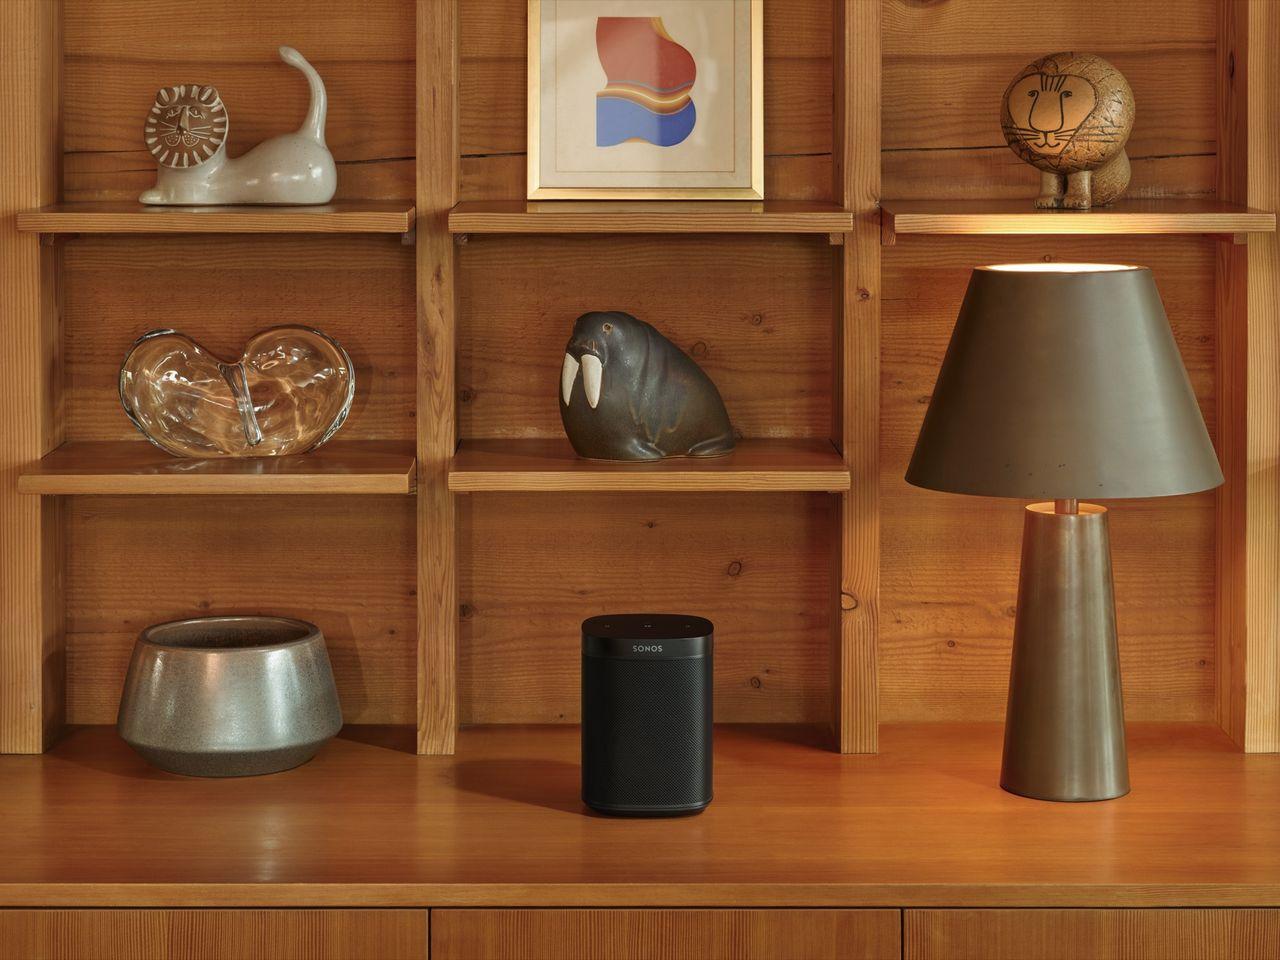 Sonos planerar att höja priset på flera av sina högtalare